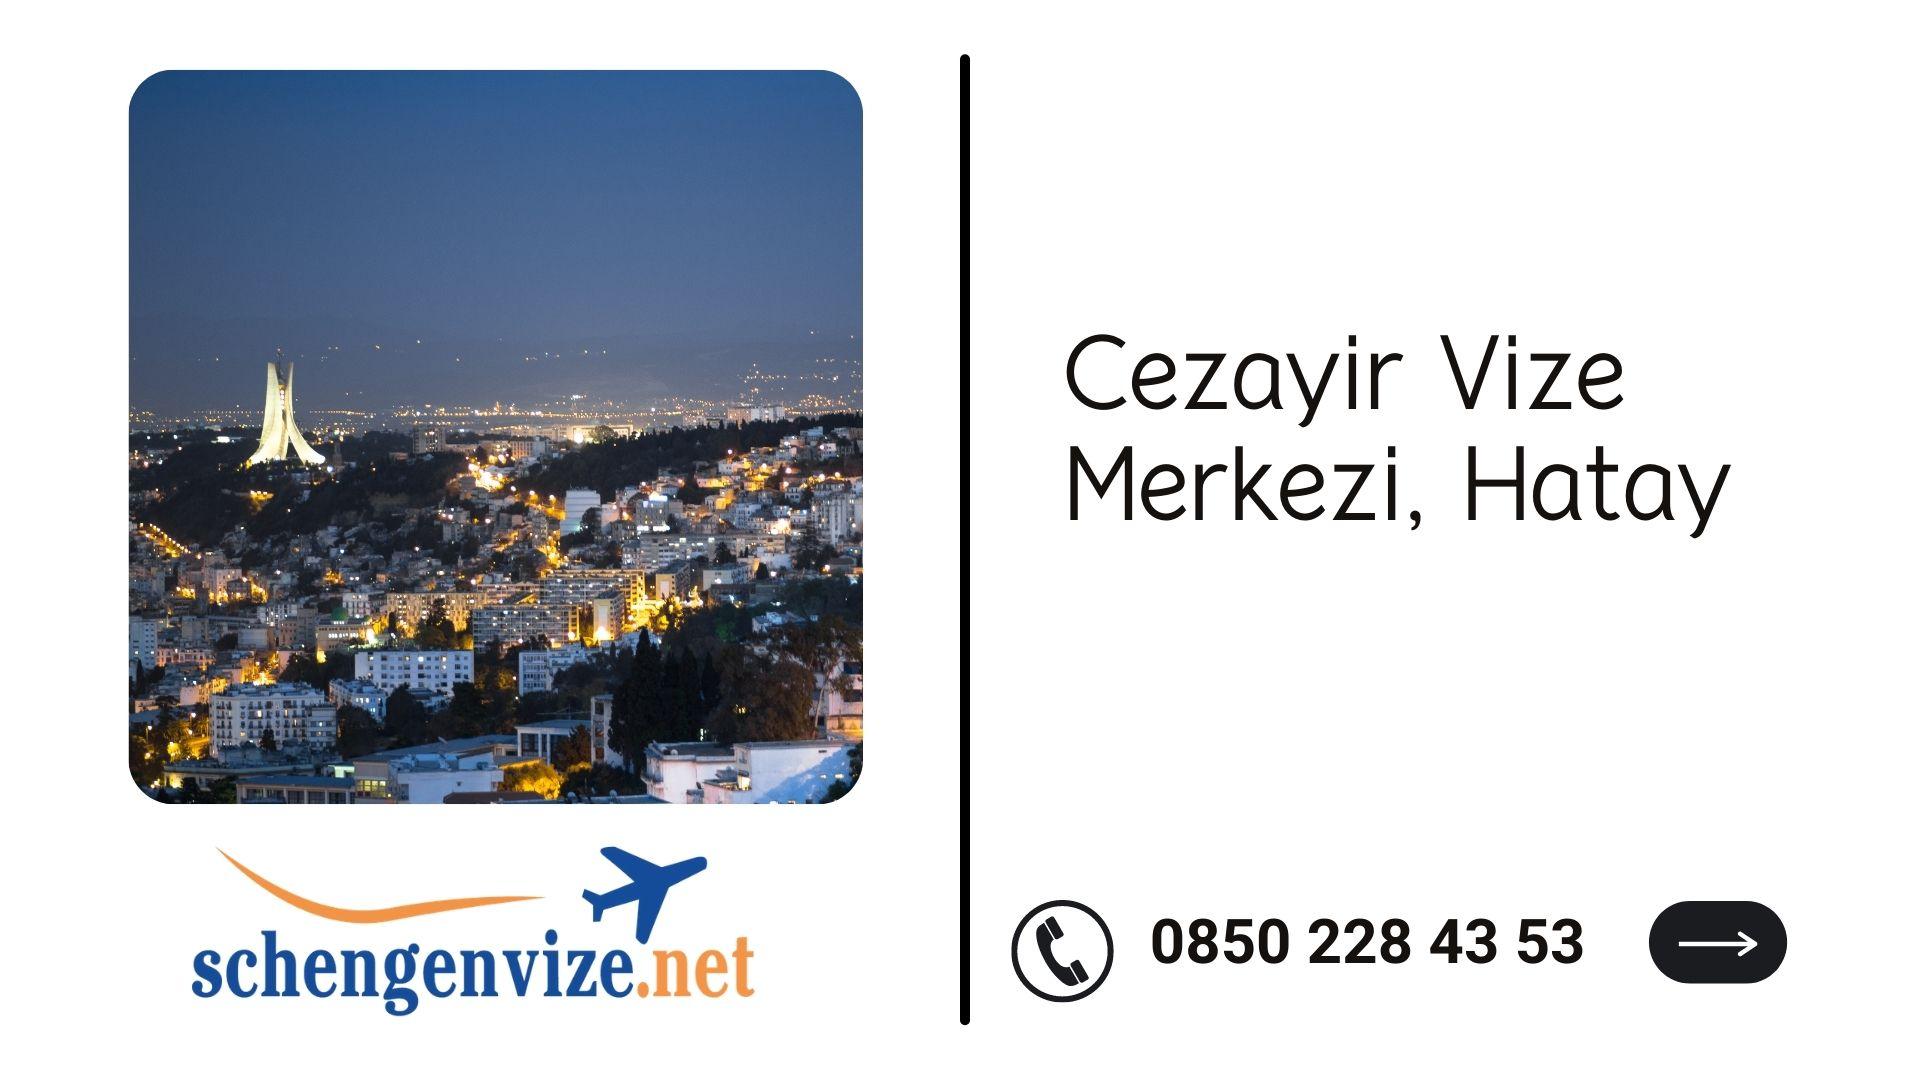 Cezayir Vize Merkezi, Hatay